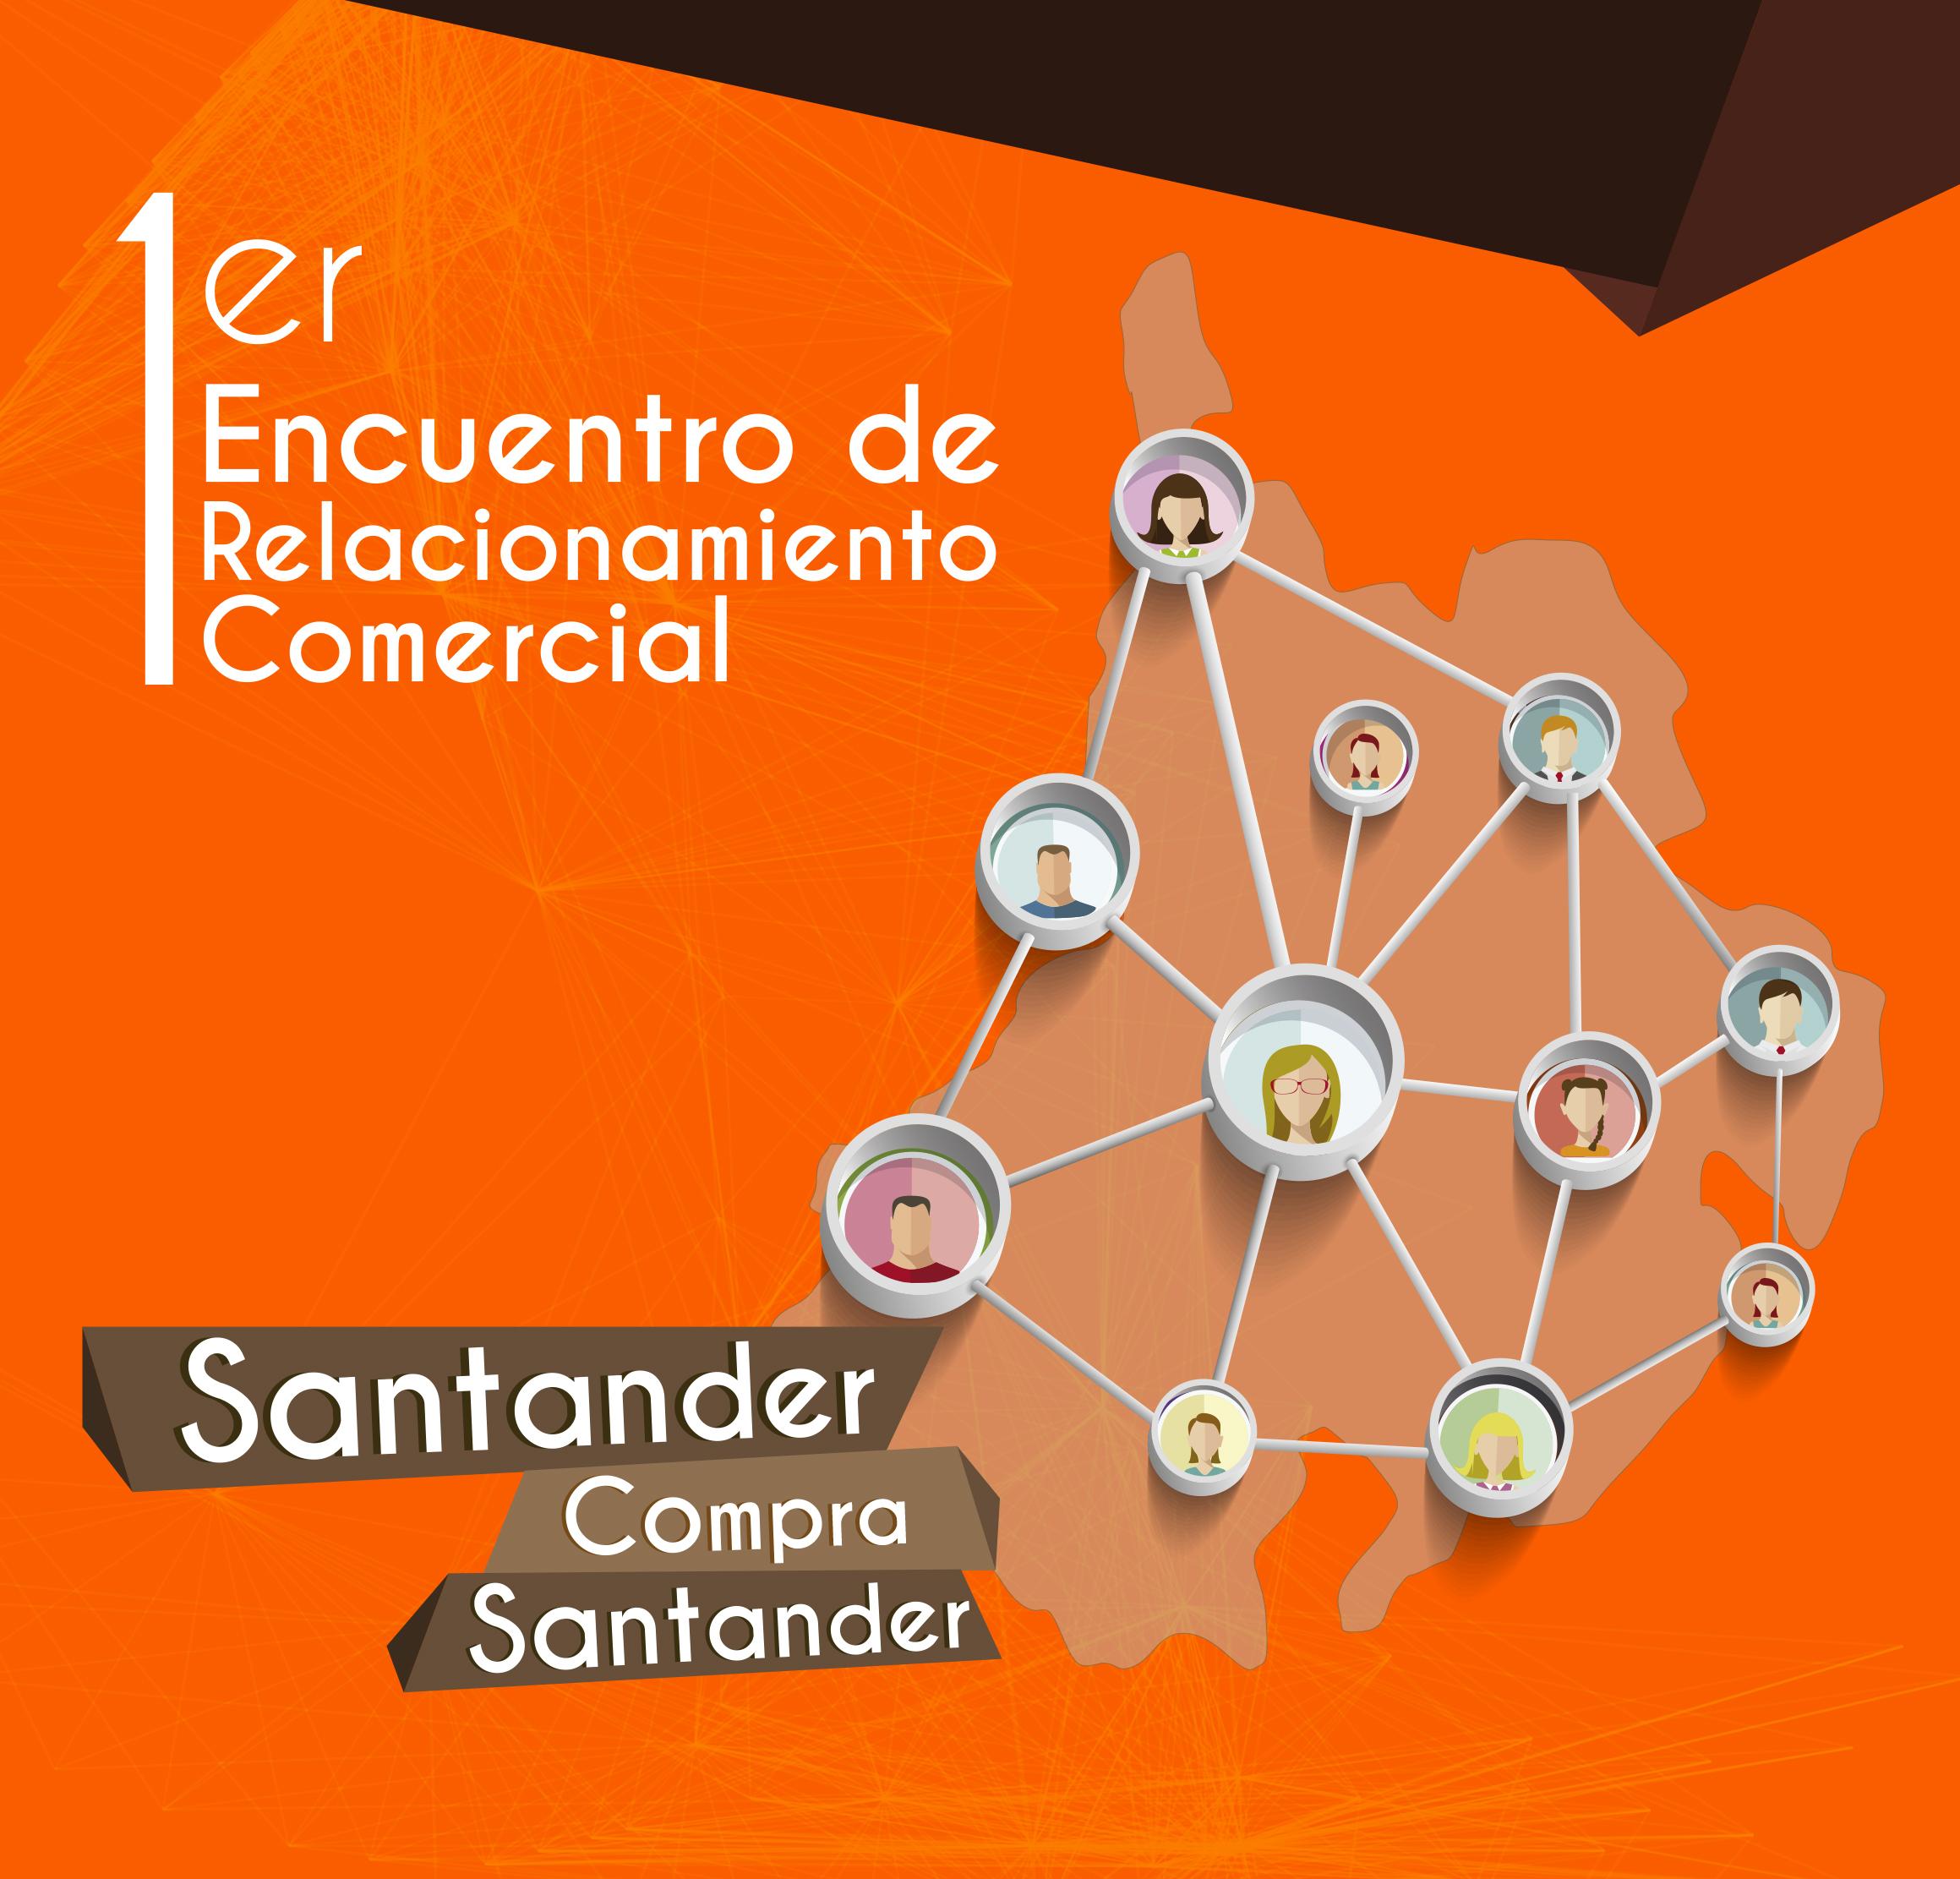 Logo santander compra santander